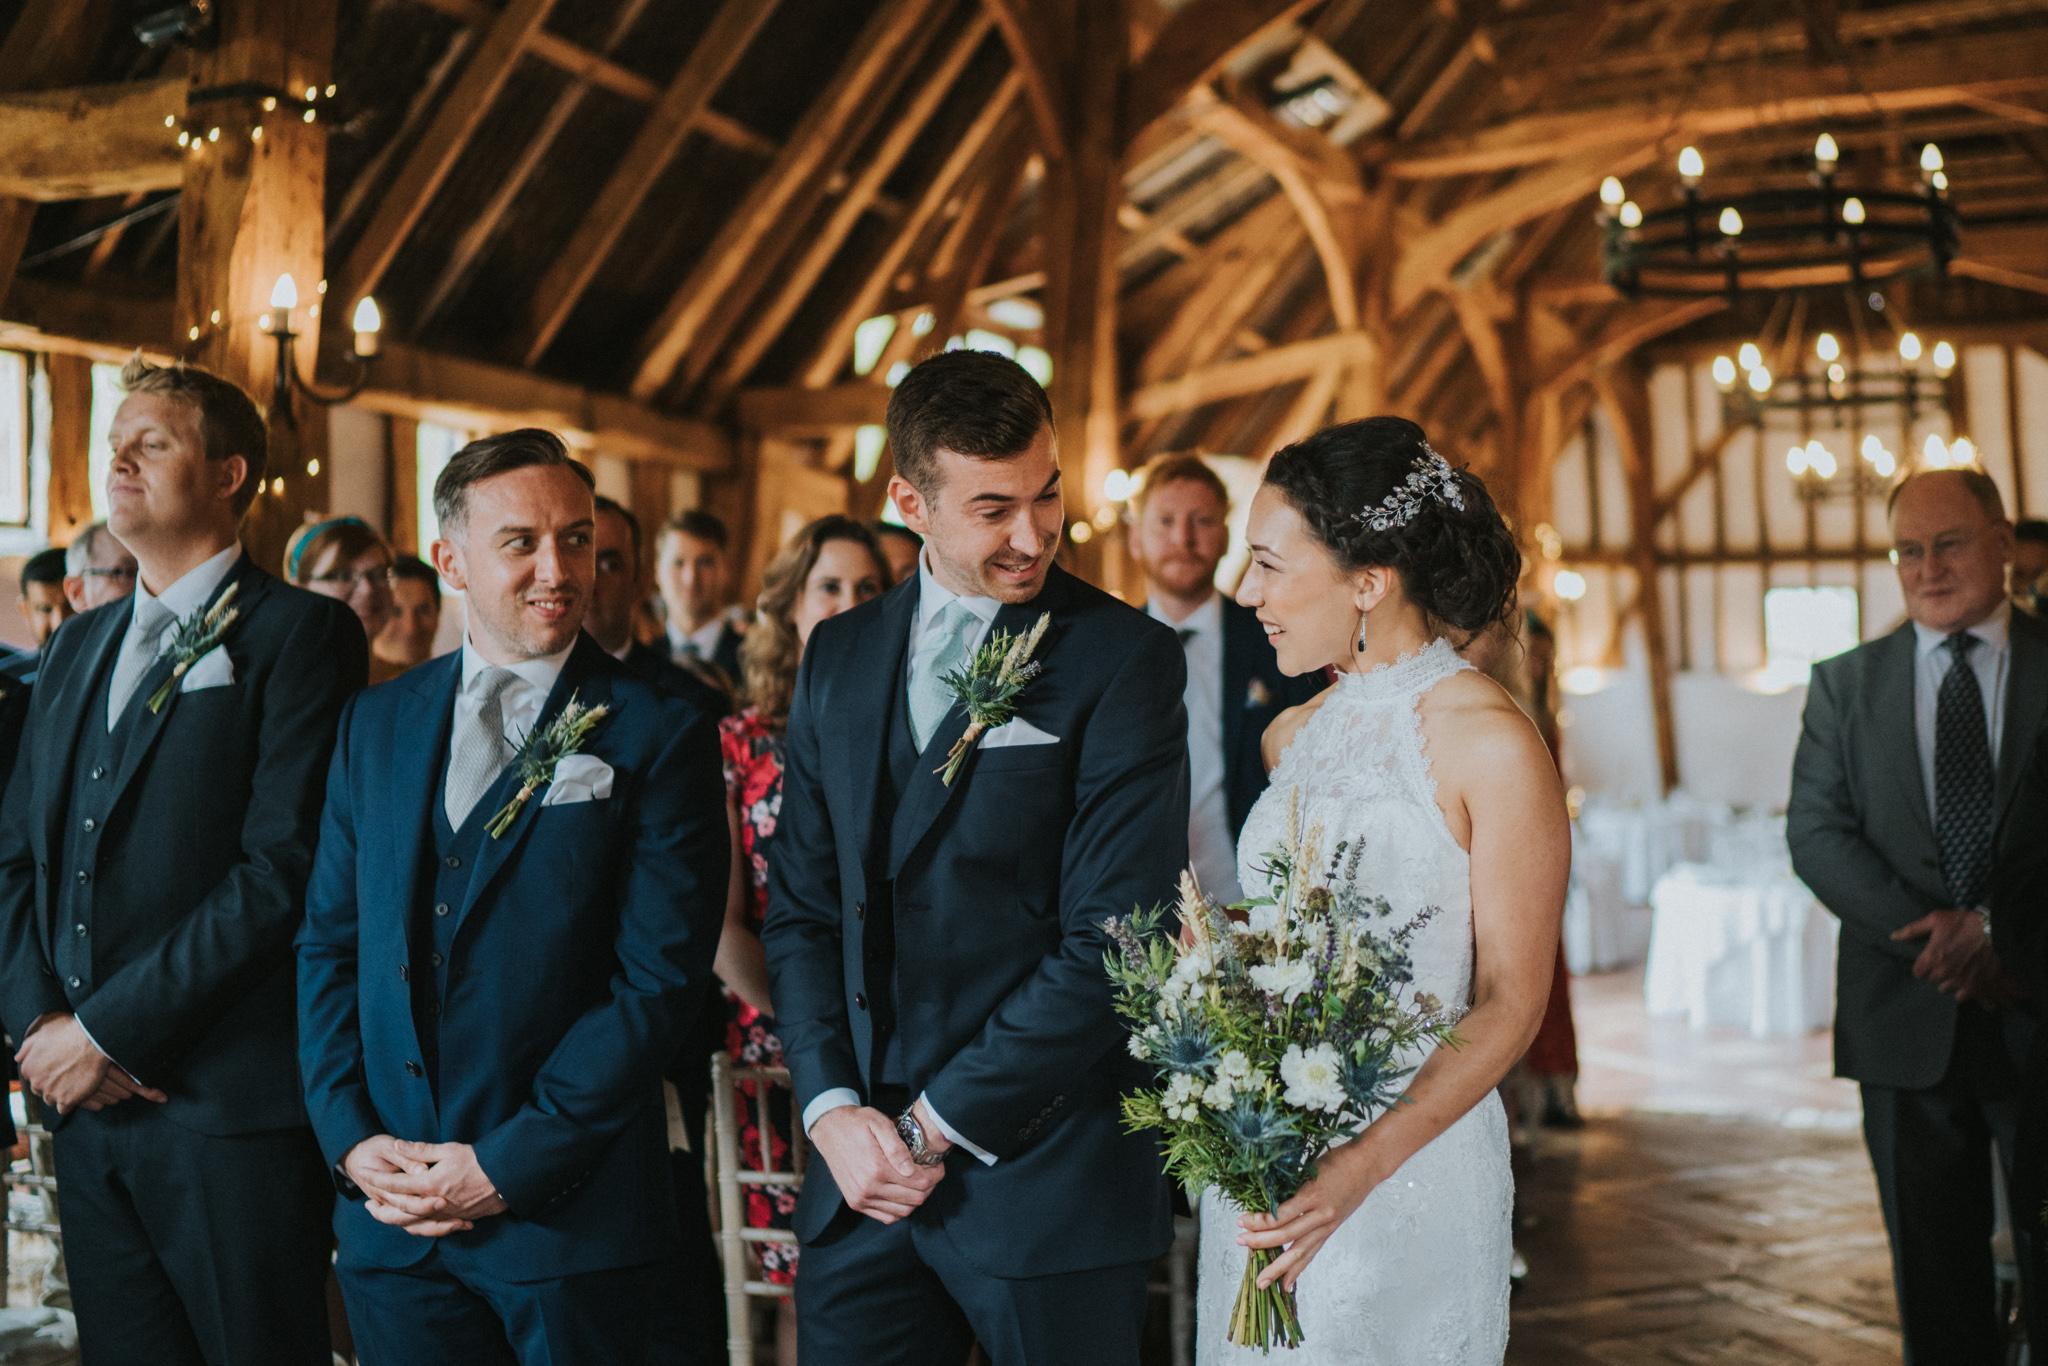 jane-patrick-smeetham-hall-barn-grace-elizabeth-colchester-essex-alternative-wedding-lifestyle-photographer-essex-suffolk-norfolk-devon+(17+of+52).jpg